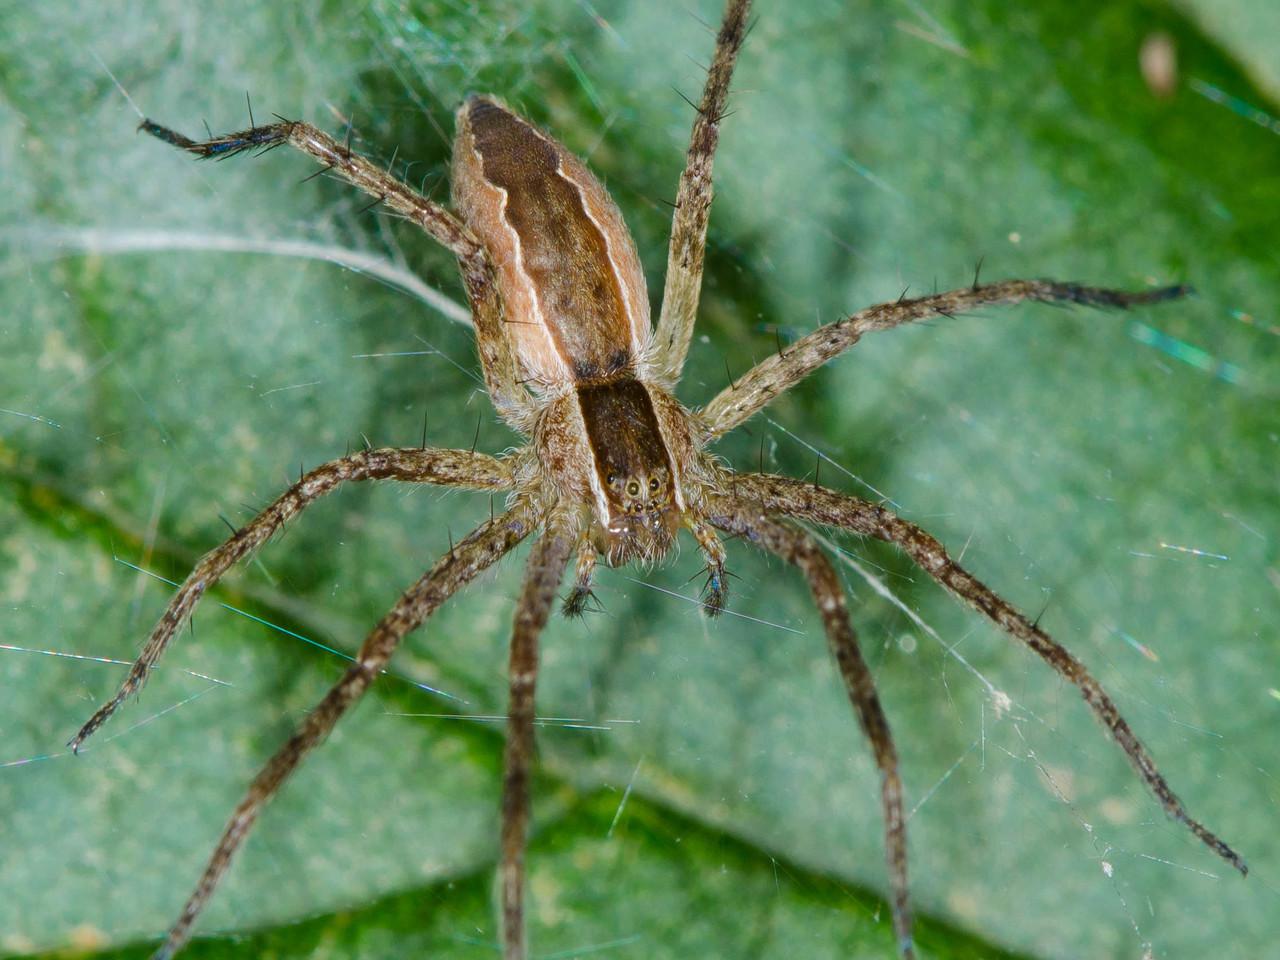 Uma aranha Web berçário.